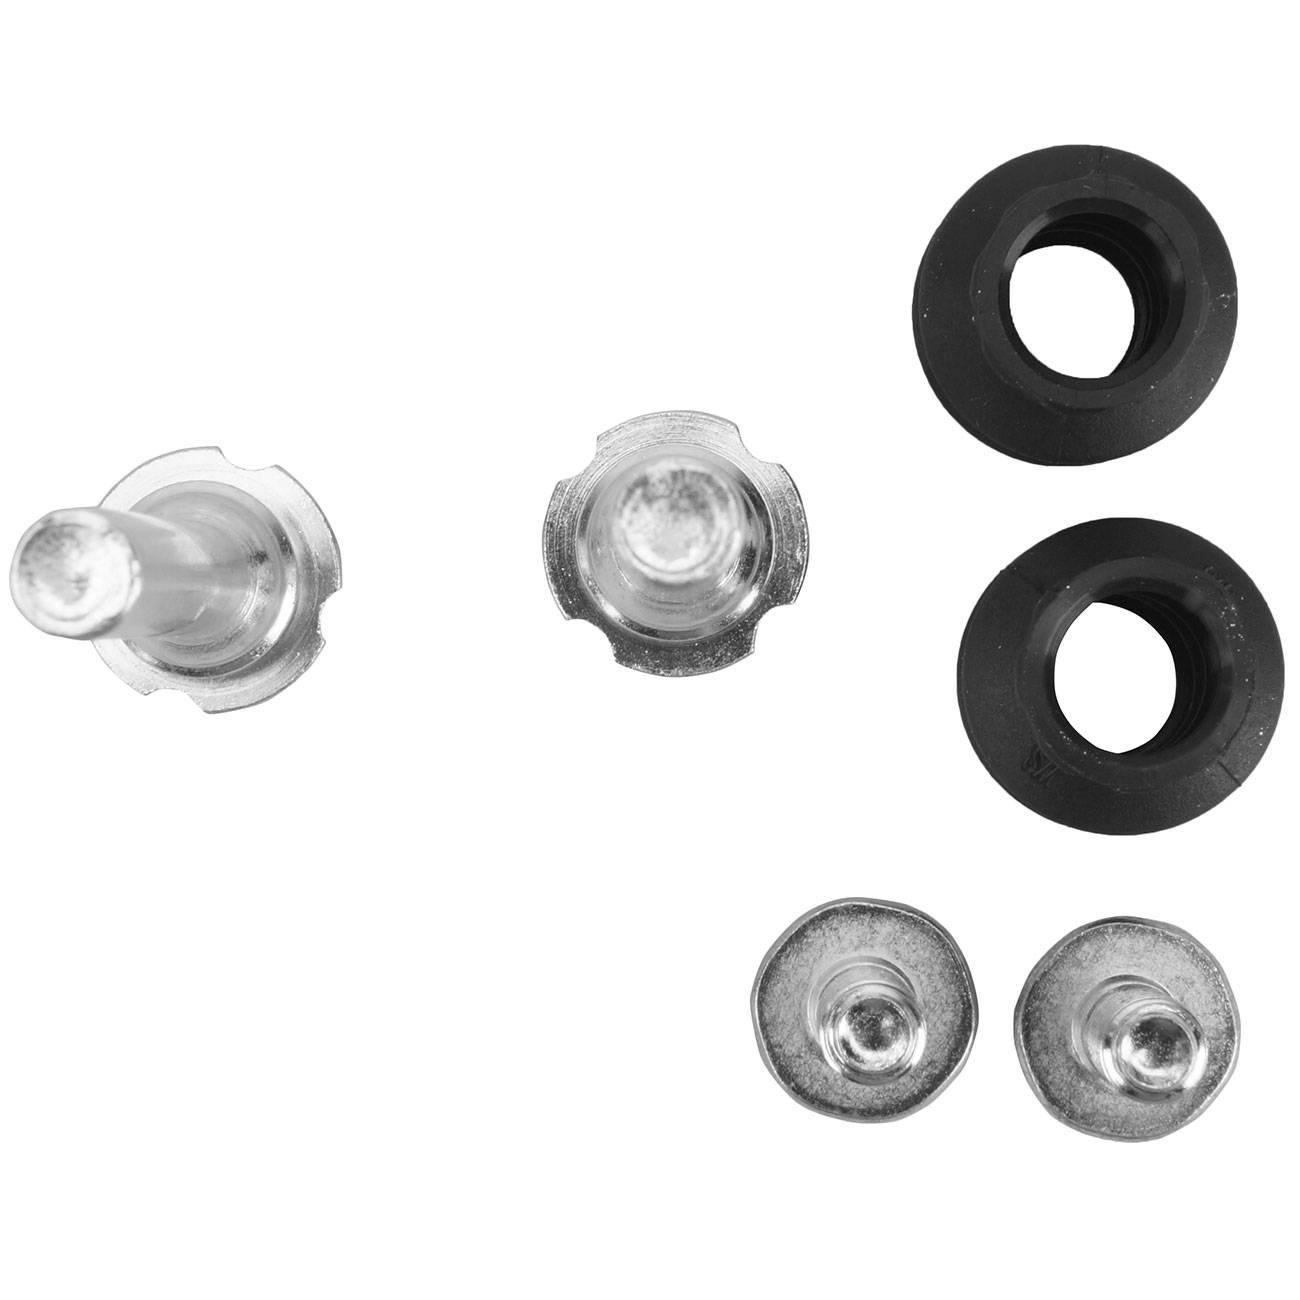 Bapmic-Set-Rear-Brake-Caliper-Brake-System-for-VW-Passat-3C2-3C5-1-6-1-9 thumbnail 6